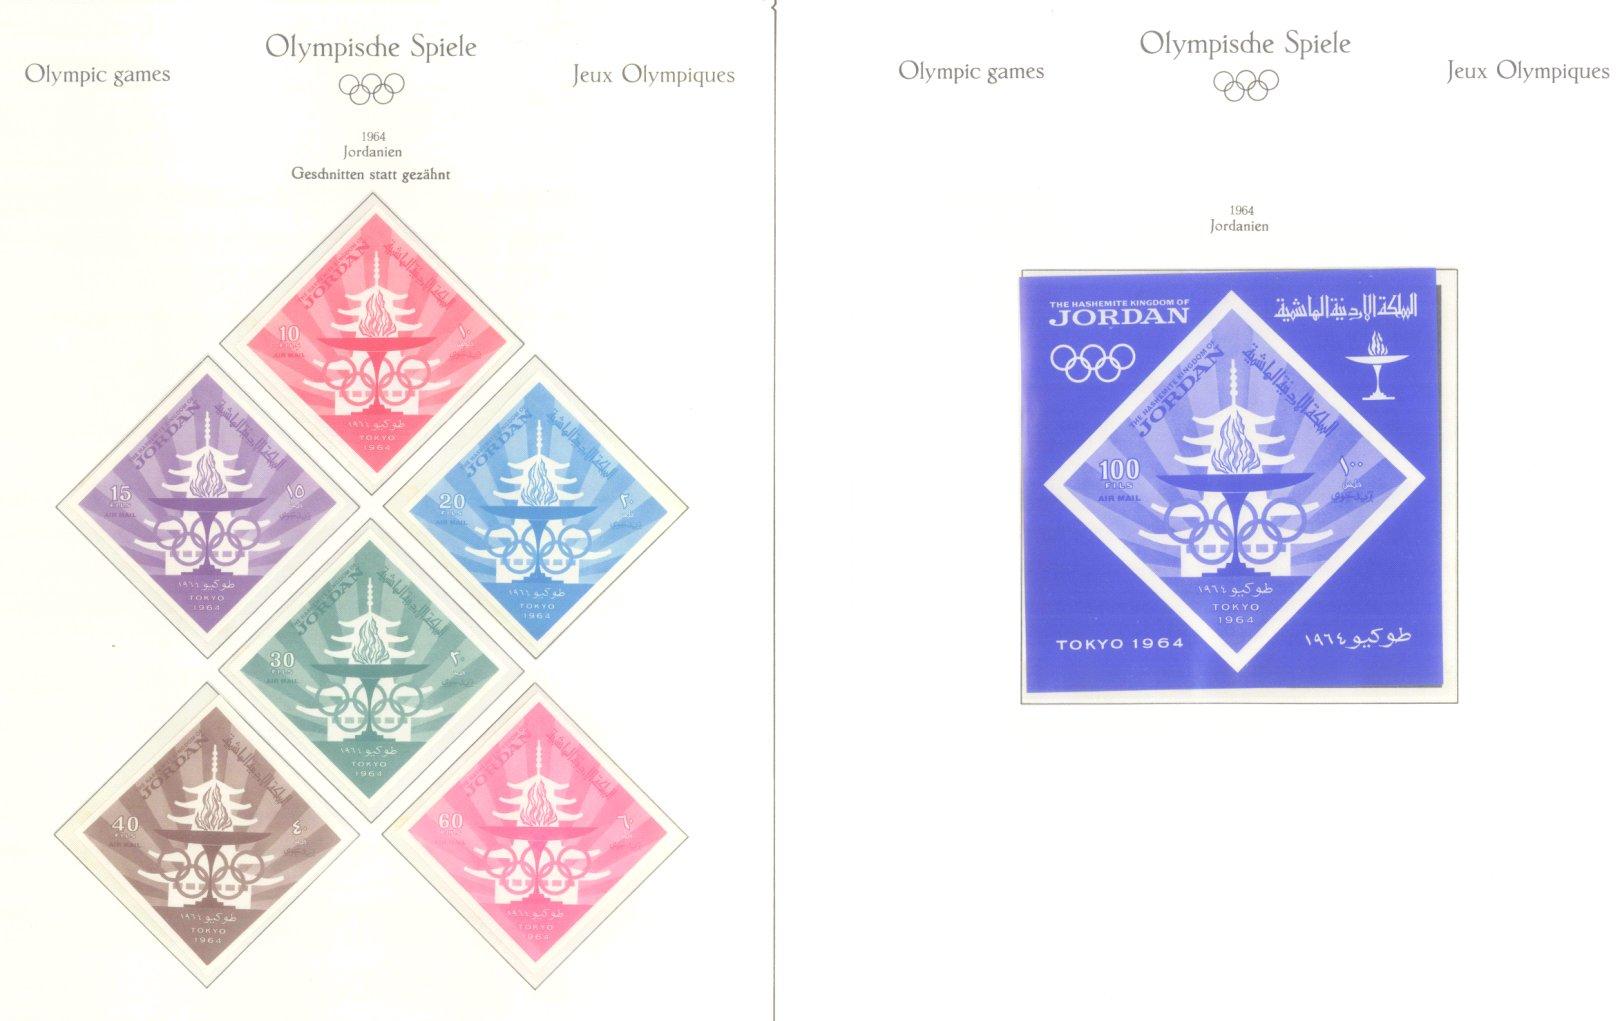 OLYMPISCHE SPIELE 1964 TOKIO, postfrische Sammlung Teil 1-33